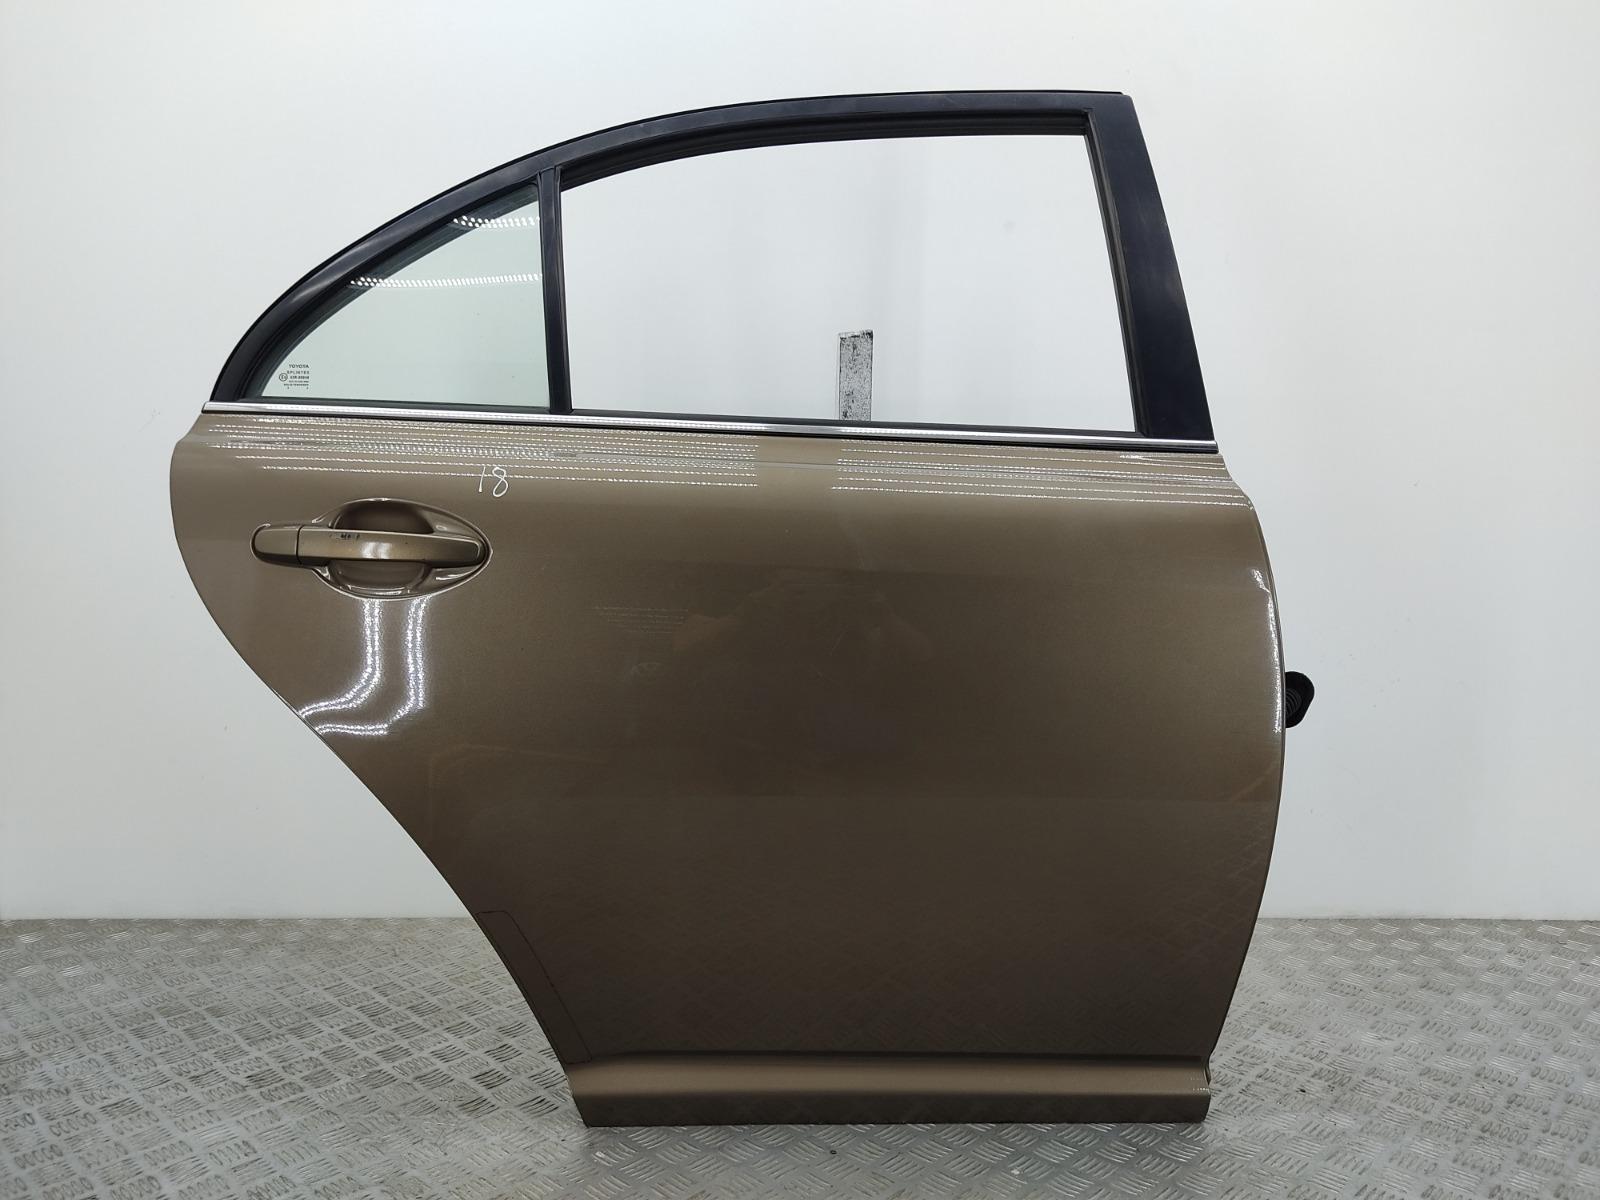 Дверь задняя правая Toyota Avensis 2.0 D-4D 2004 (б/у)